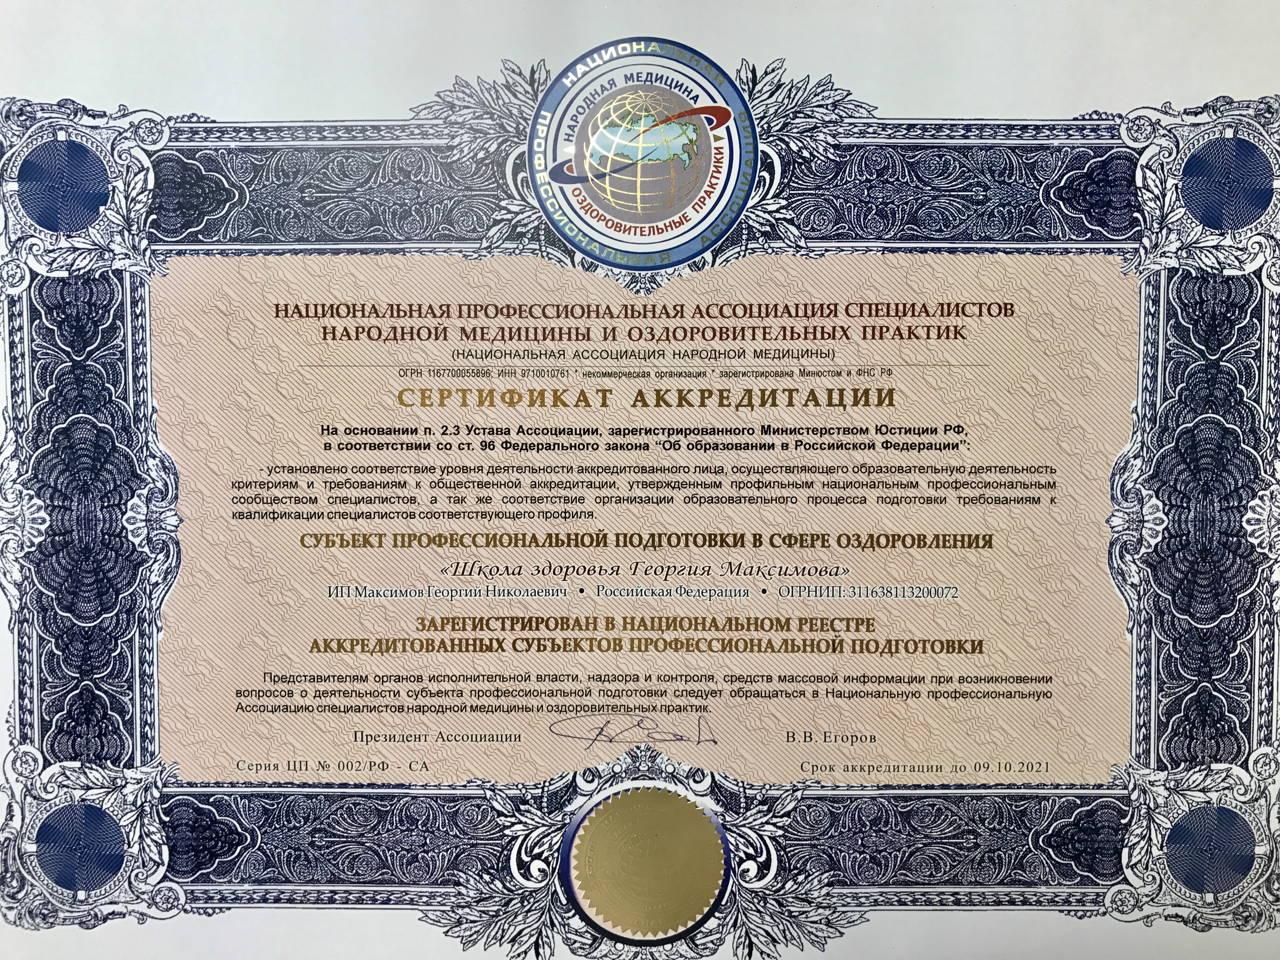 Сертификат на право преподавания